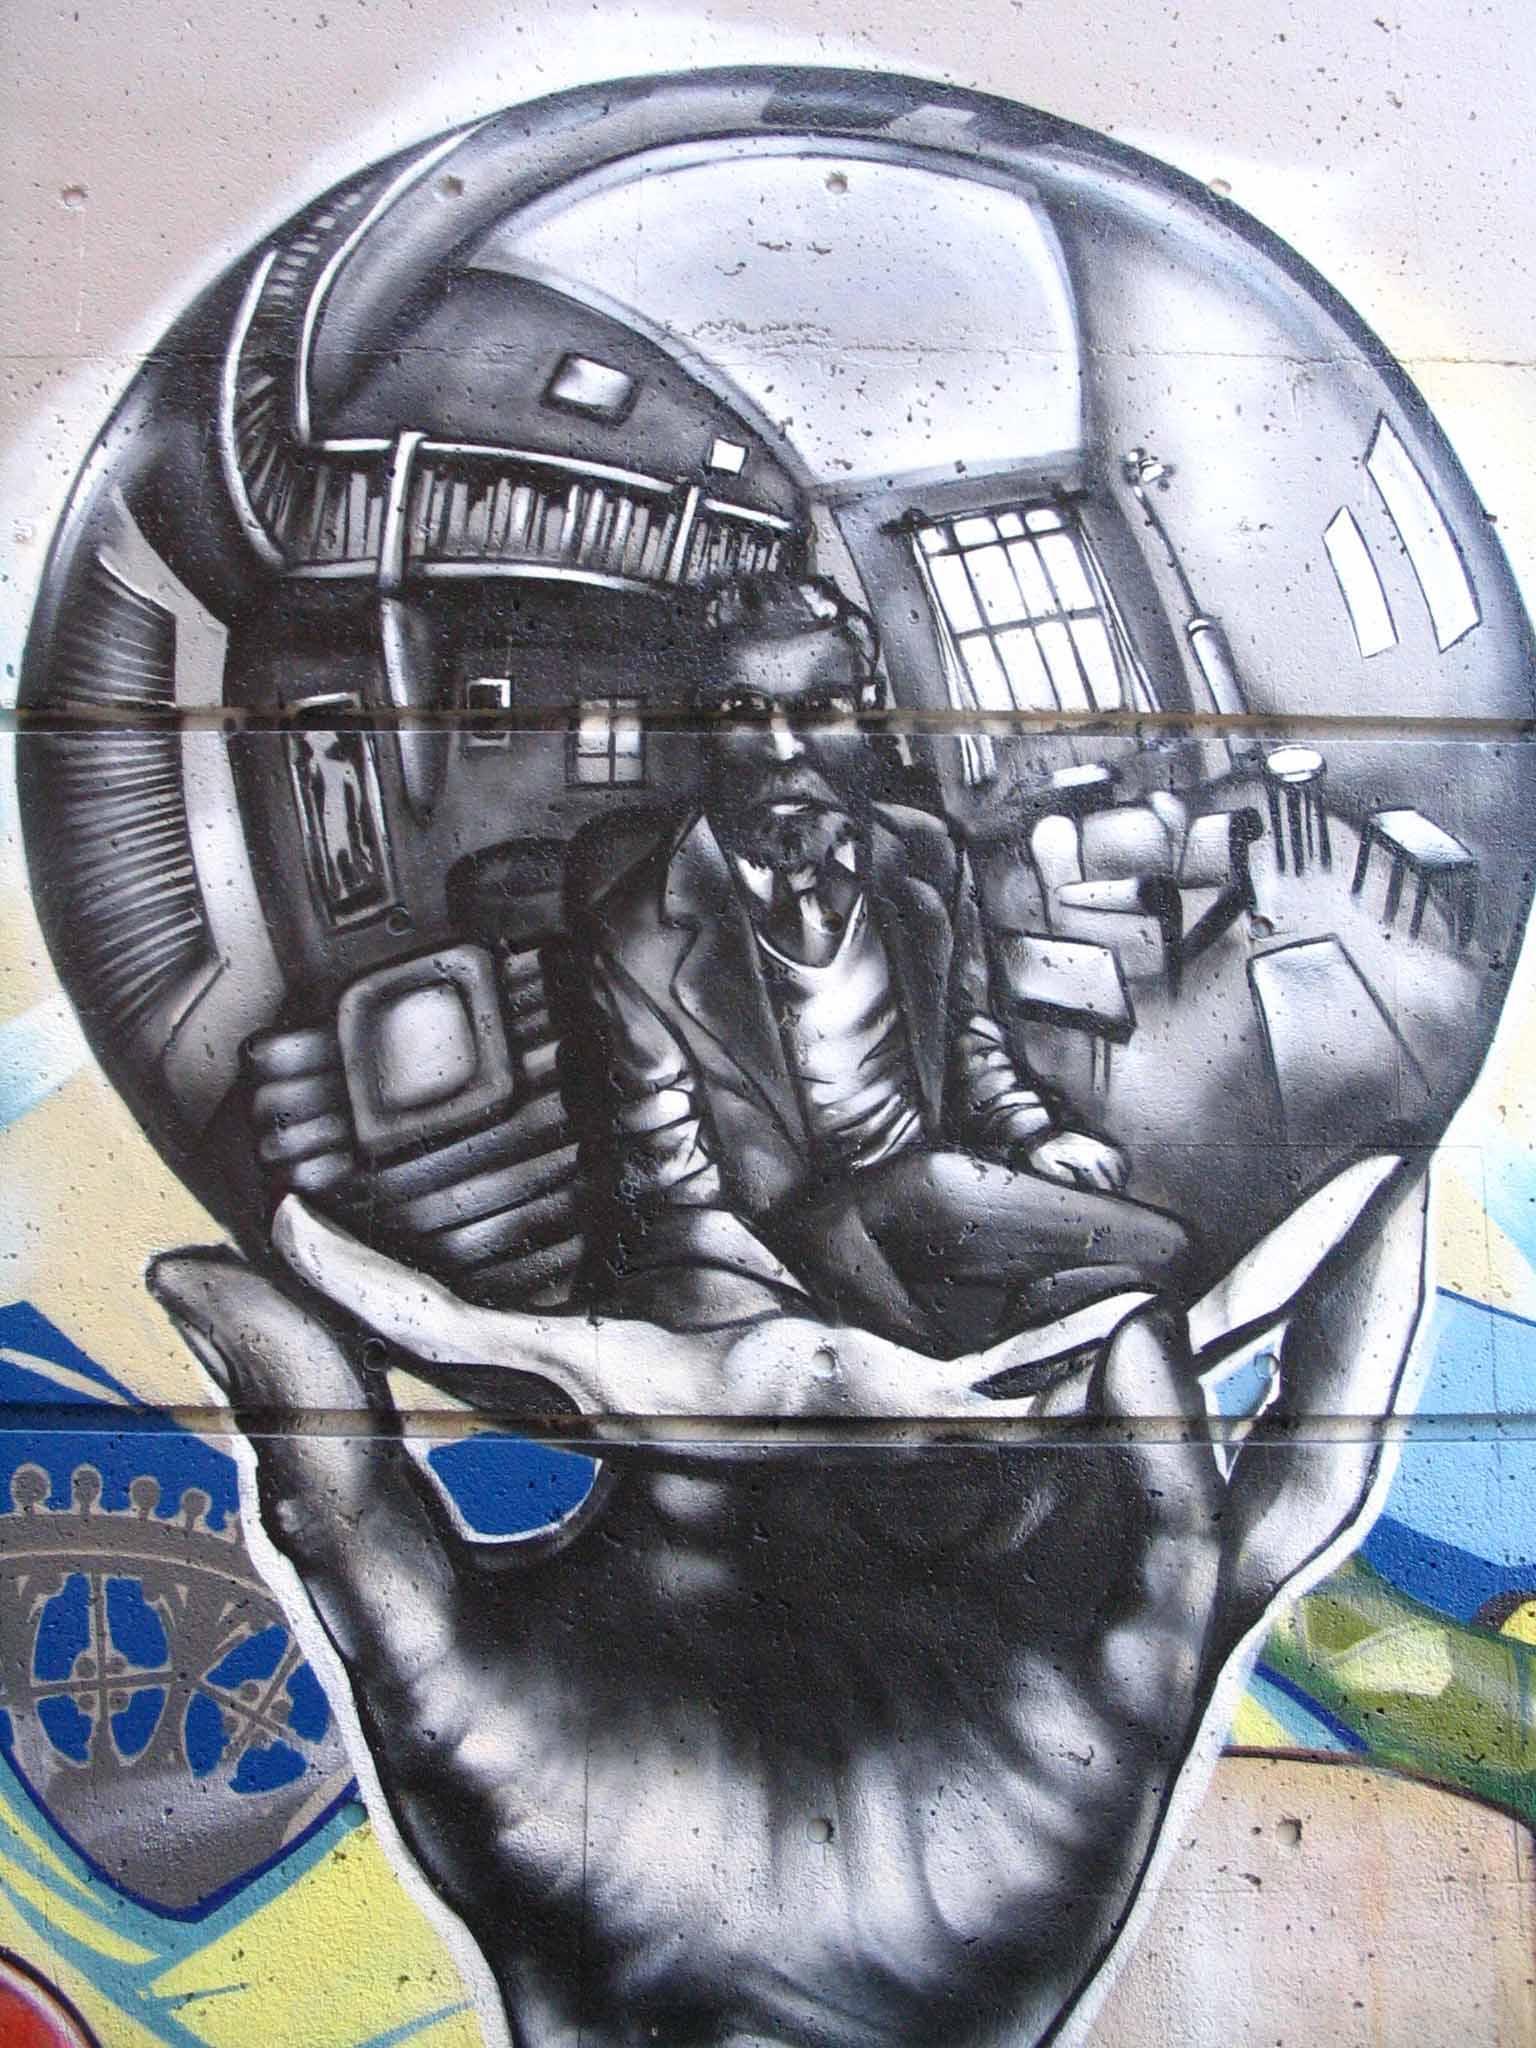 Graffiti 2 by Theattemptedside